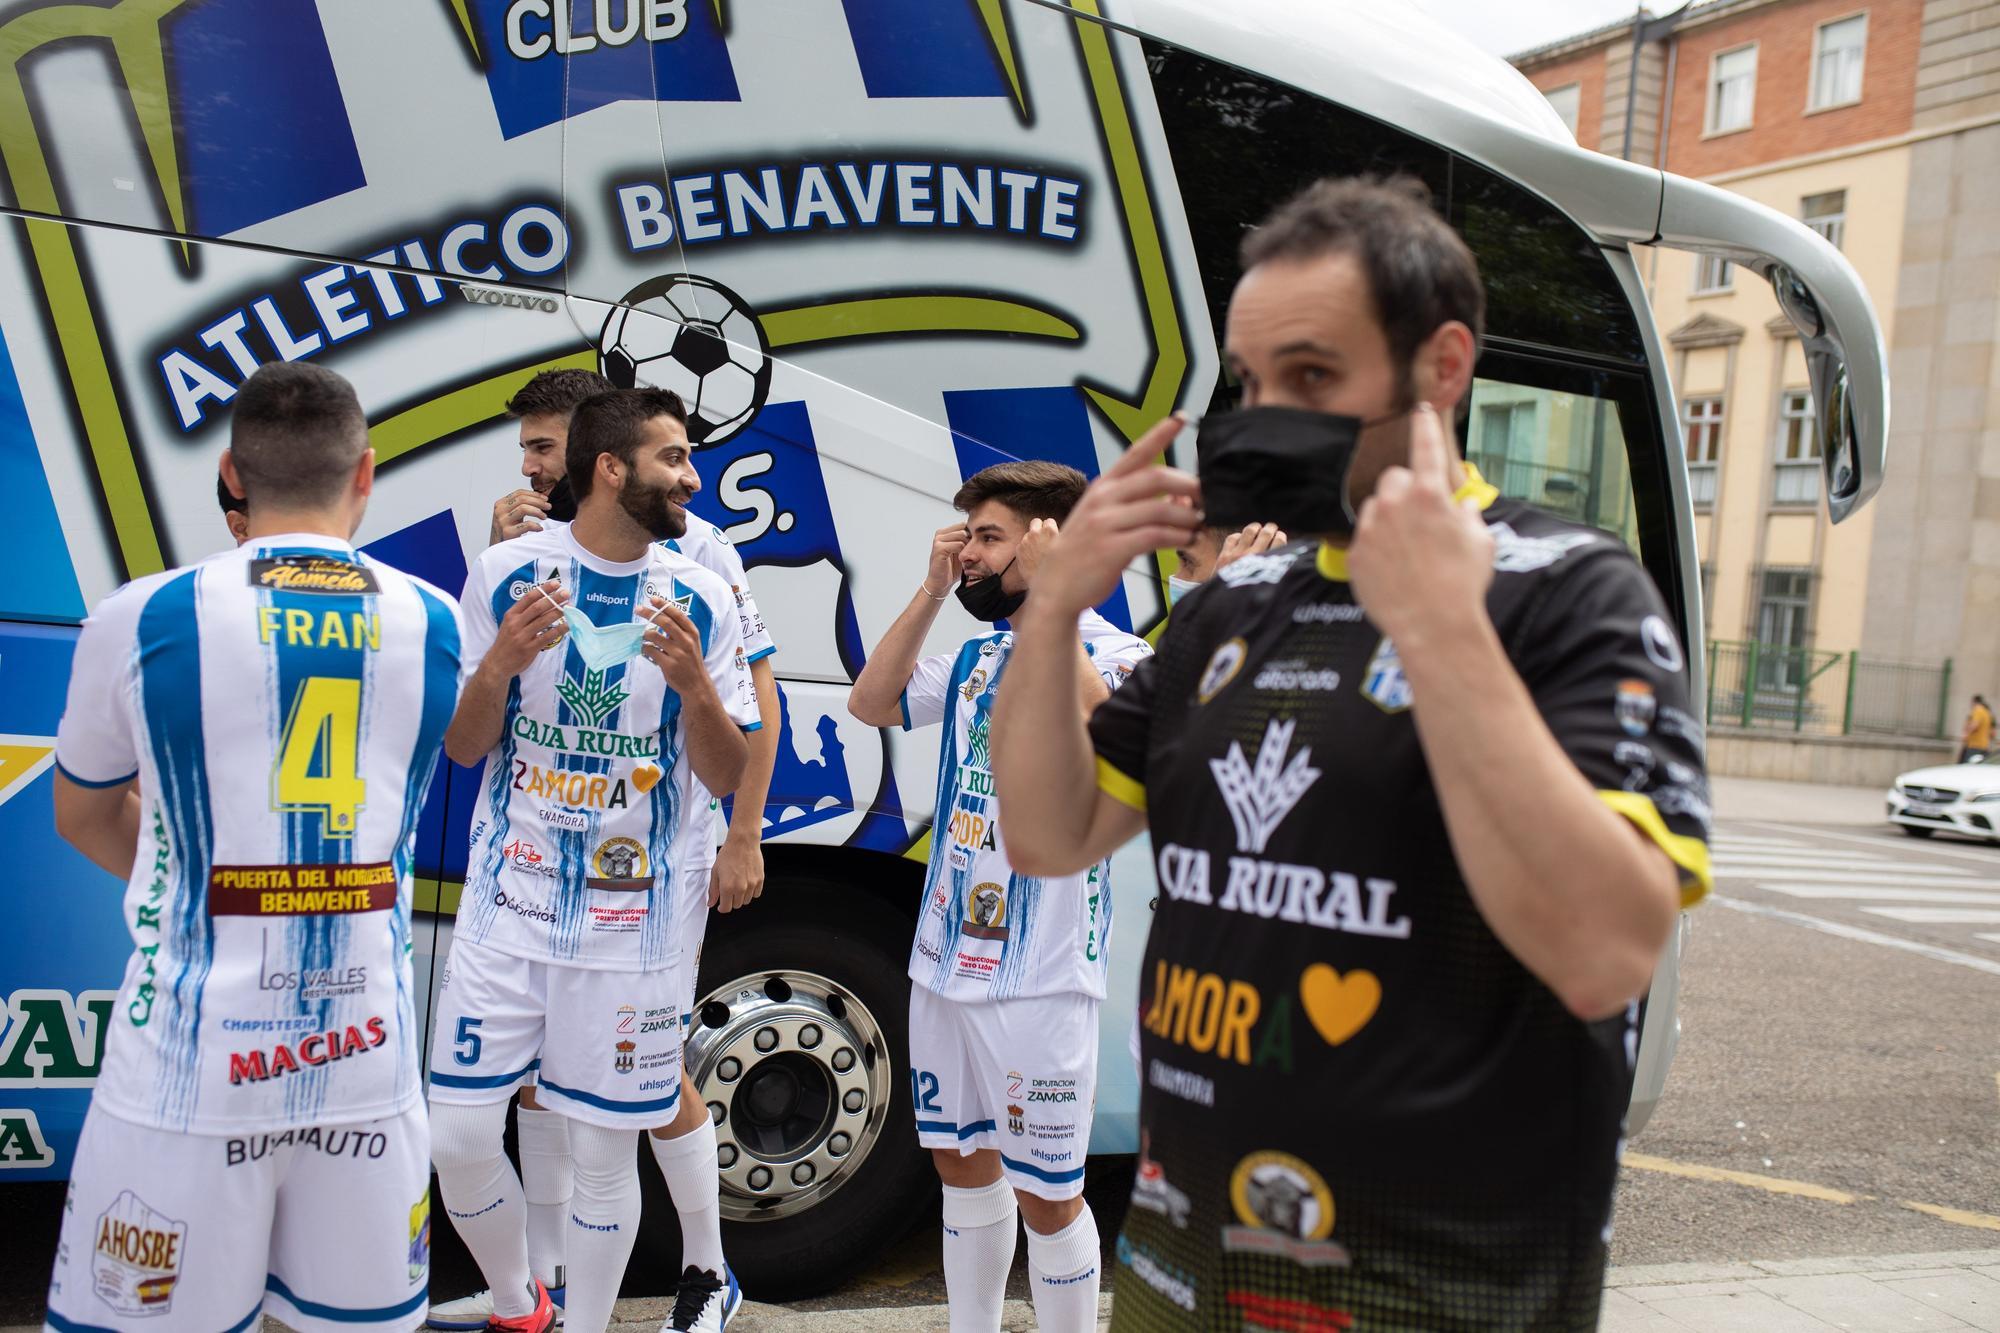 Presentación del Atlético Benavente y su autobús en La Marina (Zamora)